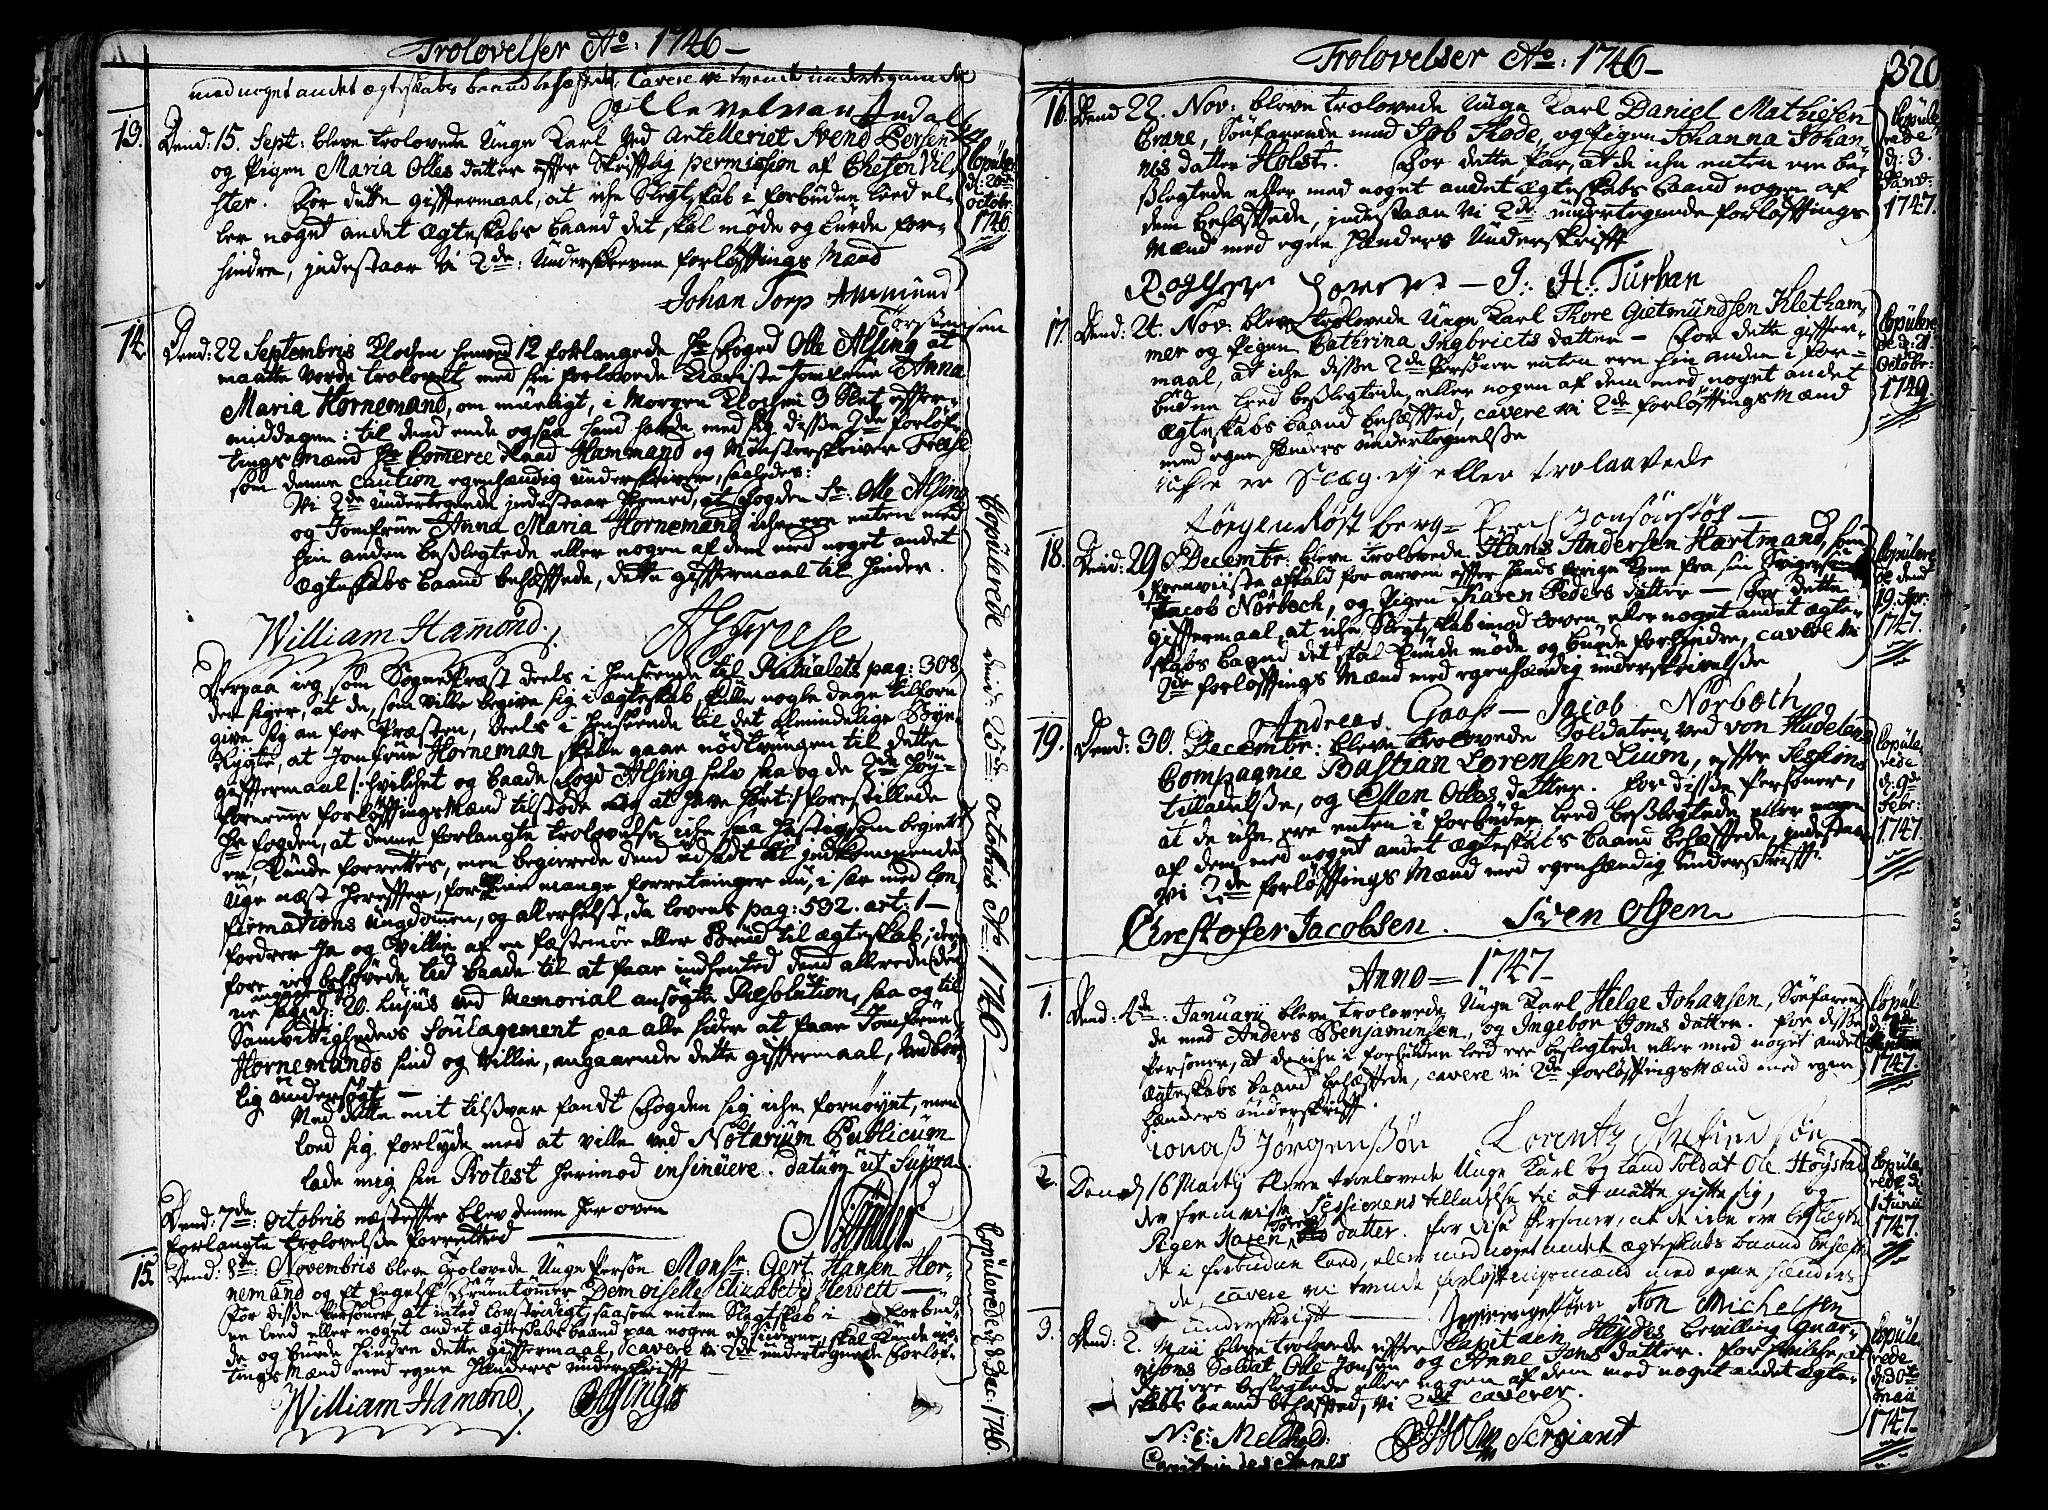 SAT, Ministerialprotokoller, klokkerbøker og fødselsregistre - Sør-Trøndelag, 602/L0103: Ministerialbok nr. 602A01, 1732-1774, s. 320